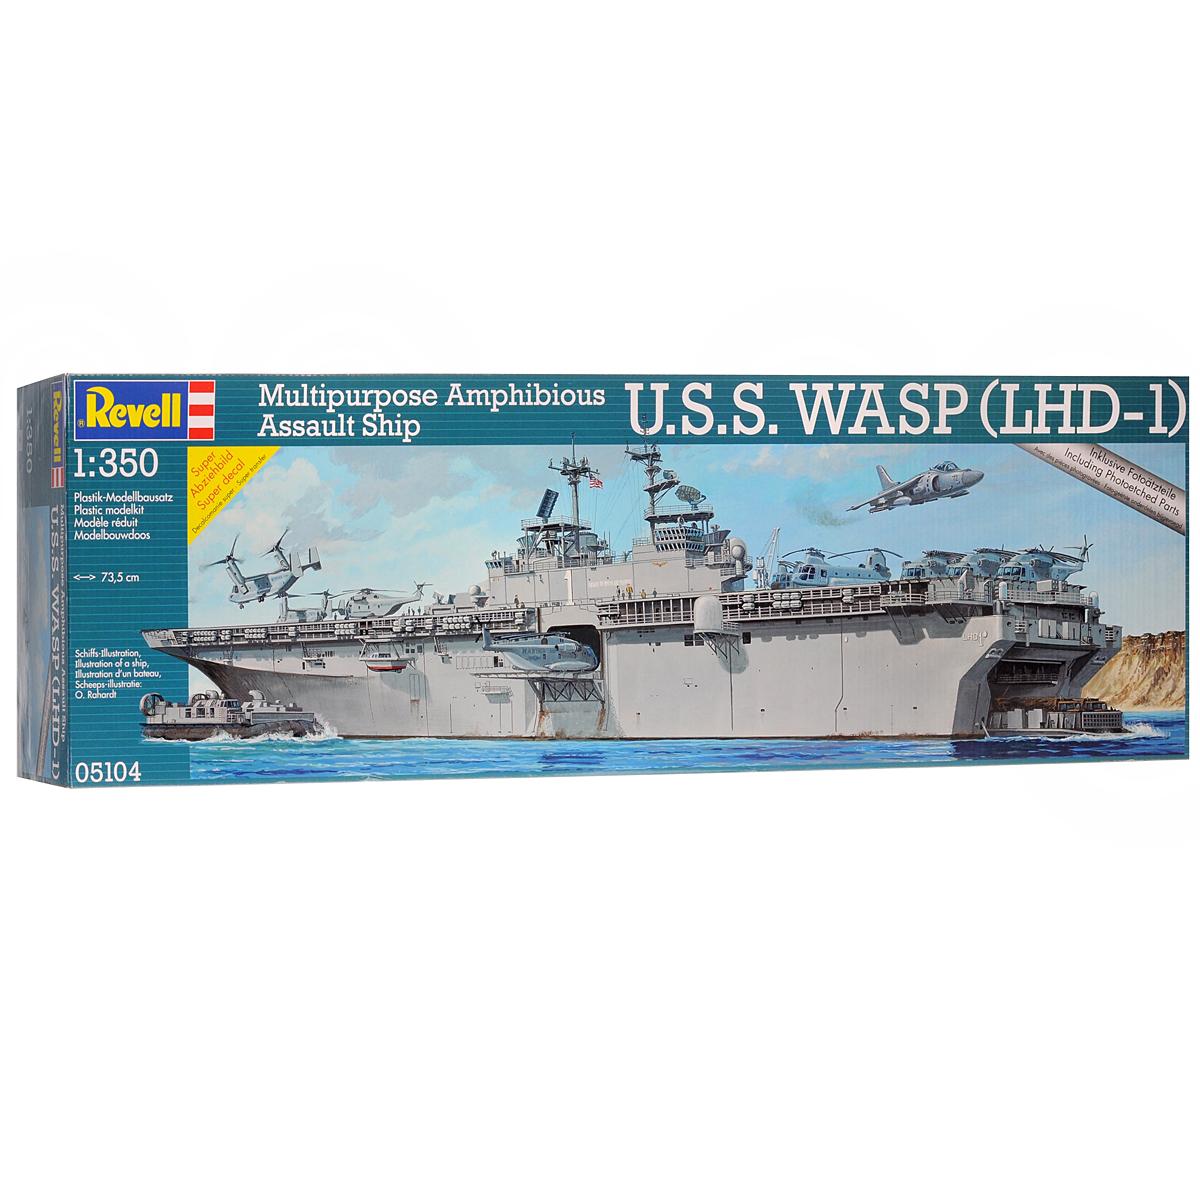 Сборная модель Revell Корабль U.S.S. Wasp05104Сборная модель Revell Корабль U.S.S. Wasp поможет вам и вашему ребенку придумать увлекательное занятие на долгое время. Набор включает в себя 1349 пластиковых элементов, из которых можно собрать достоверную уменьшенную копию одноименного корабля. Универсальные десантные корабли типа Wasp - серия кораблей ВМФ США, спроектированная для высадки сухопутных войск. Корабли этой серии являются крупнейшими кораблями такого типа в мире. Универсальные десантные корабли типа Wasp были разработаны по заказу командования ВМС США для замены 7 десантных кораблей типа Иводзима и дополнения серии из 5 универсальных кораблей типа Тарава. Корабли этого класса были созданы специально для обеспечения транспортировки морем и высадки на необорудованное побережье полностью укомплектованного экспедиционного батальона морской пехоты (около 1900 человек), управления силами десанта и оказания ему авиационной поддержки силами эскадрильи самолетов с вертикальным взлетом. Также в наборе...